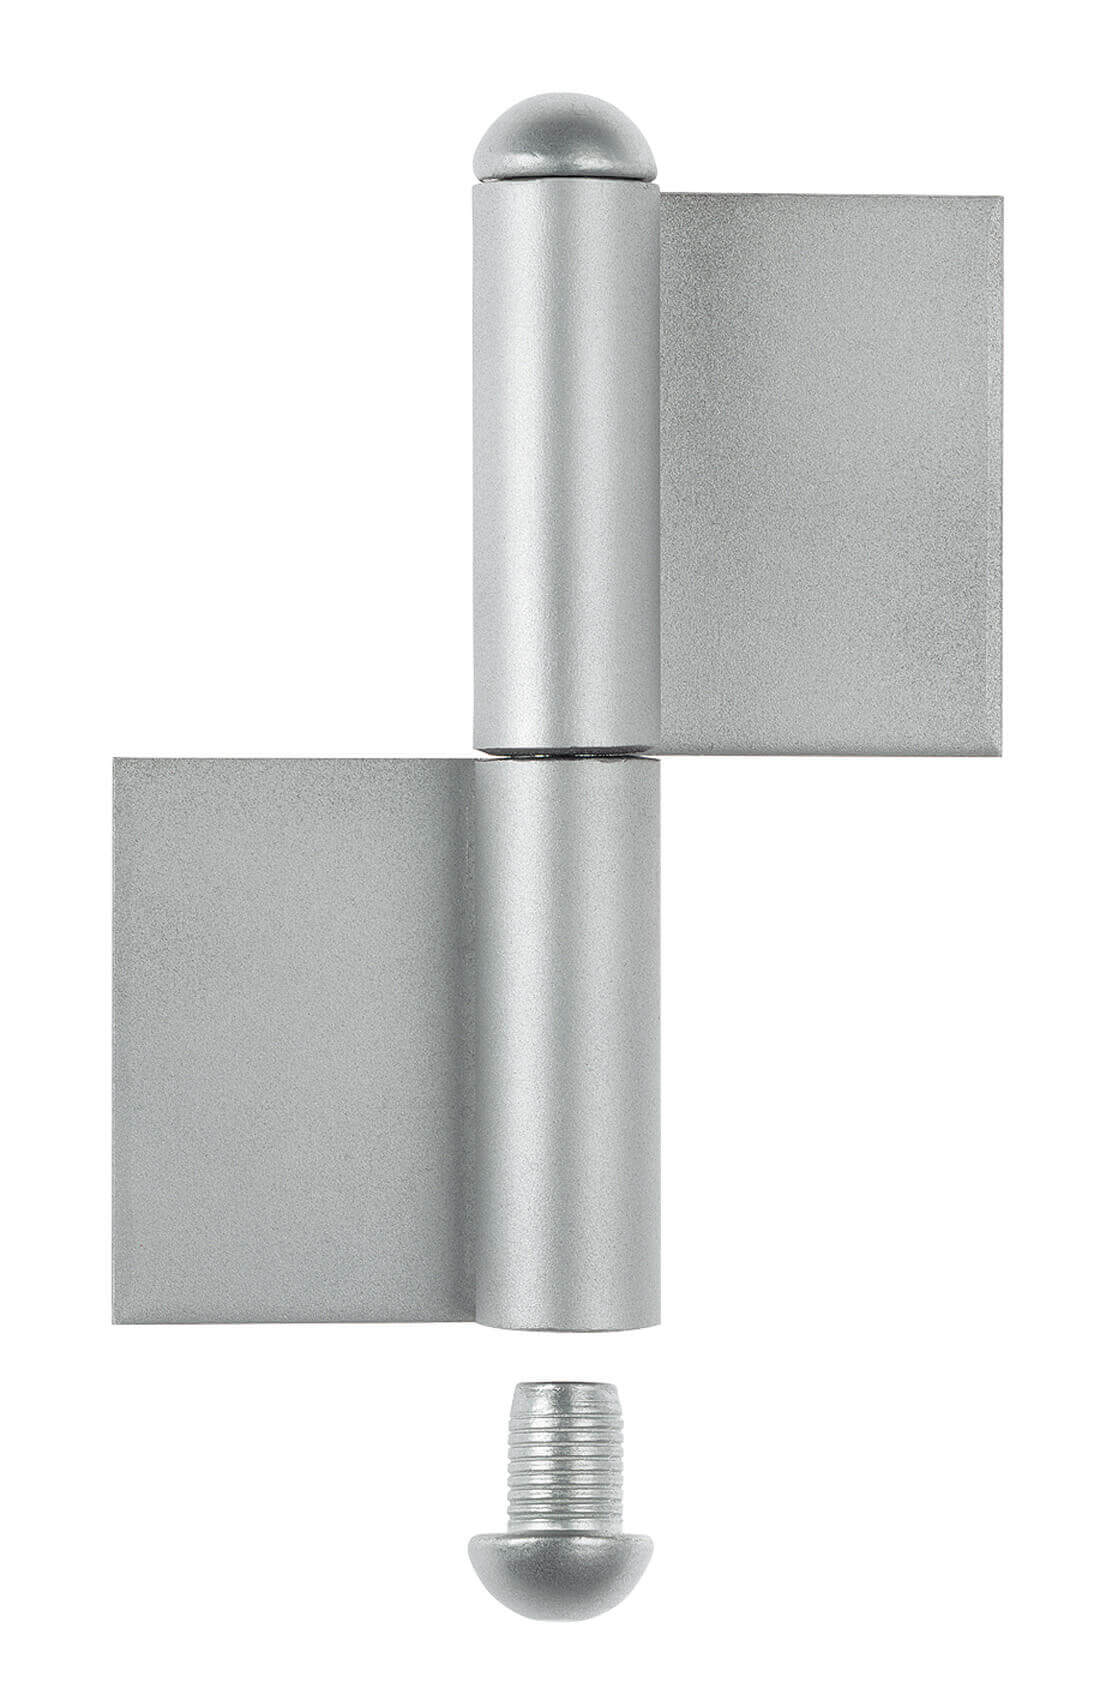 konstruktionsband ko4 2 teilig h he 100 mm breite band. Black Bedroom Furniture Sets. Home Design Ideas